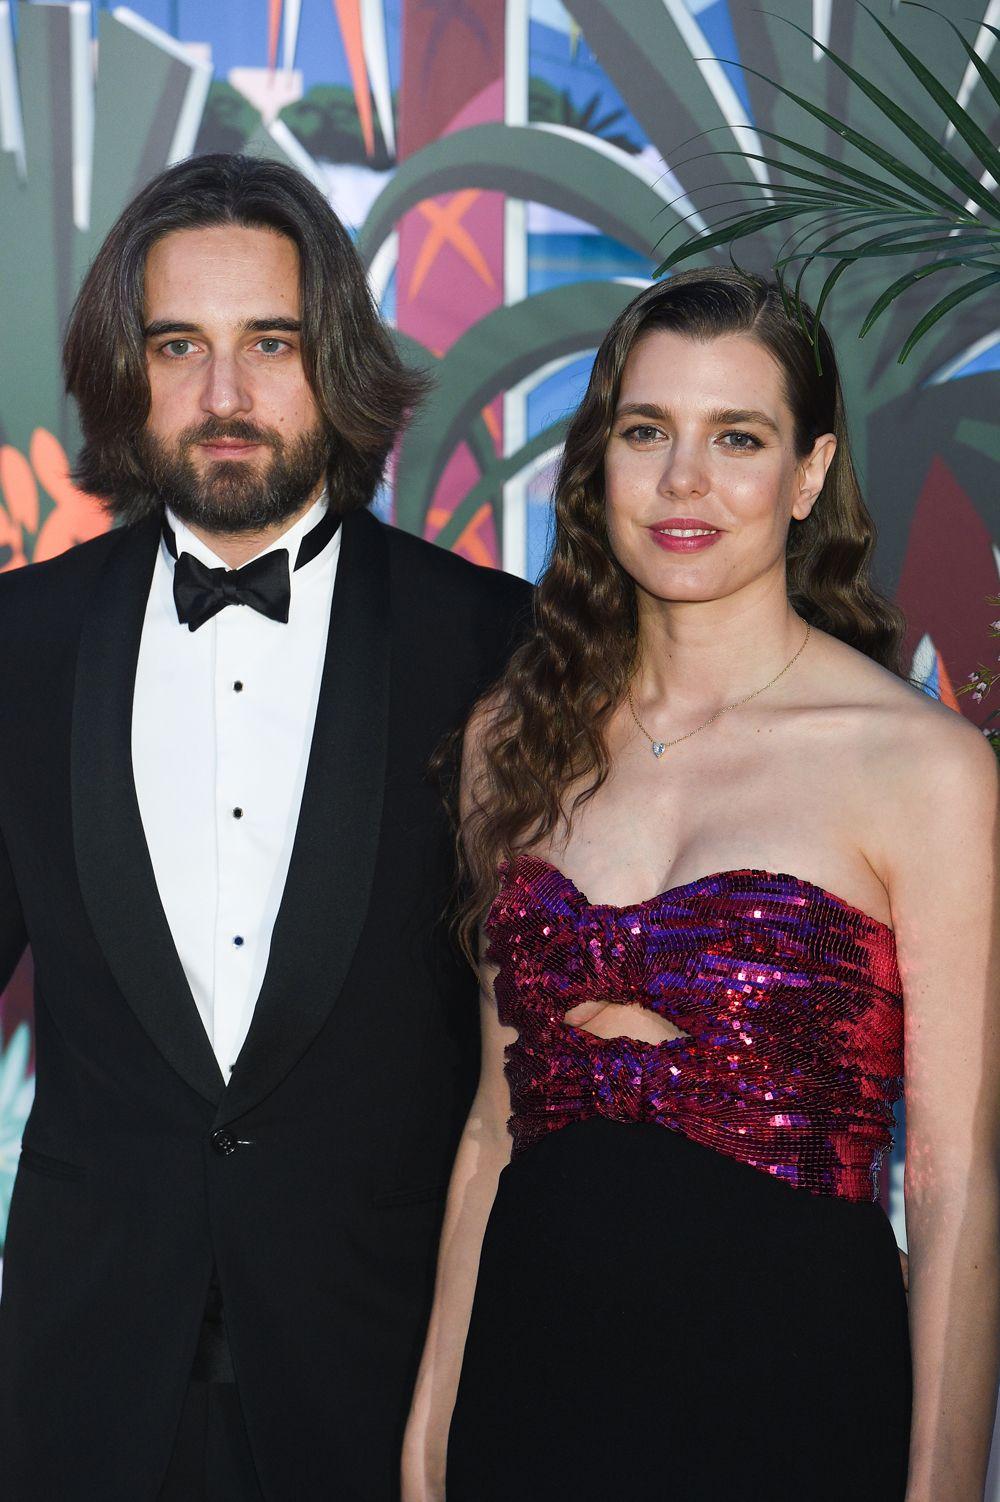 Familia real Mónaco Baile de la Rosa 2019, Baile de la Rosa